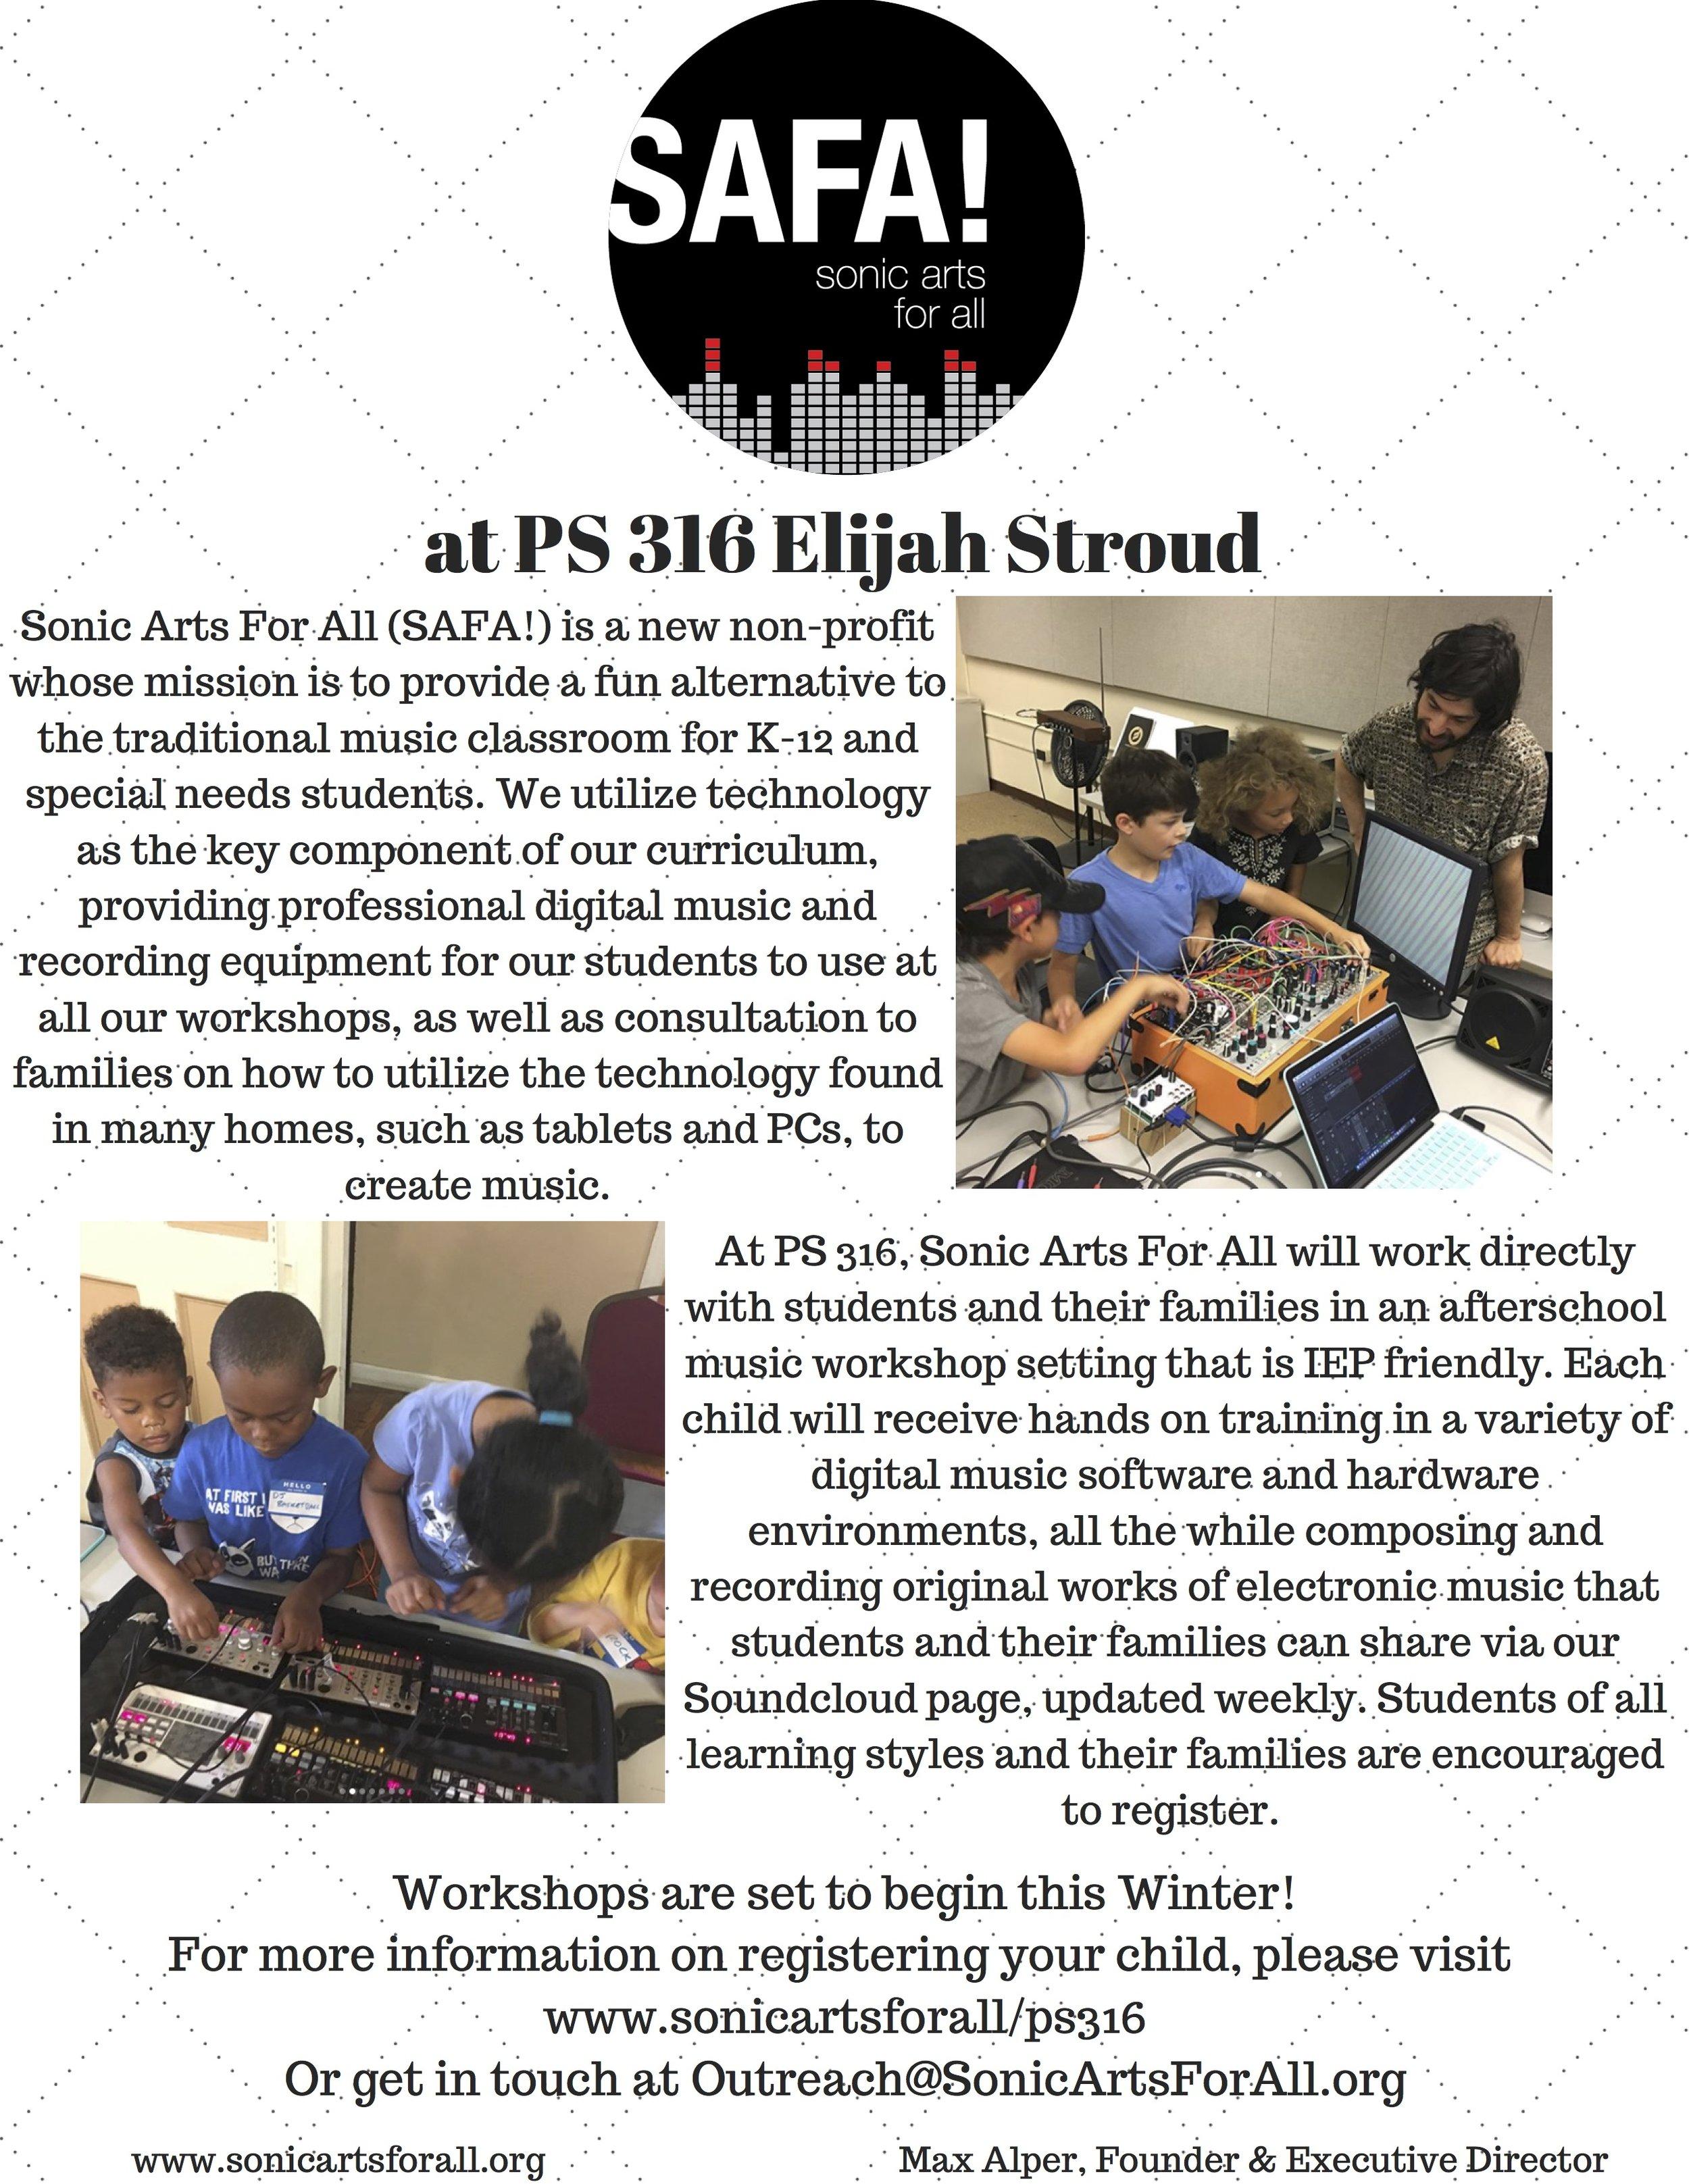 SAFA PS 316 Elijah Stroud 2018-19.jpg